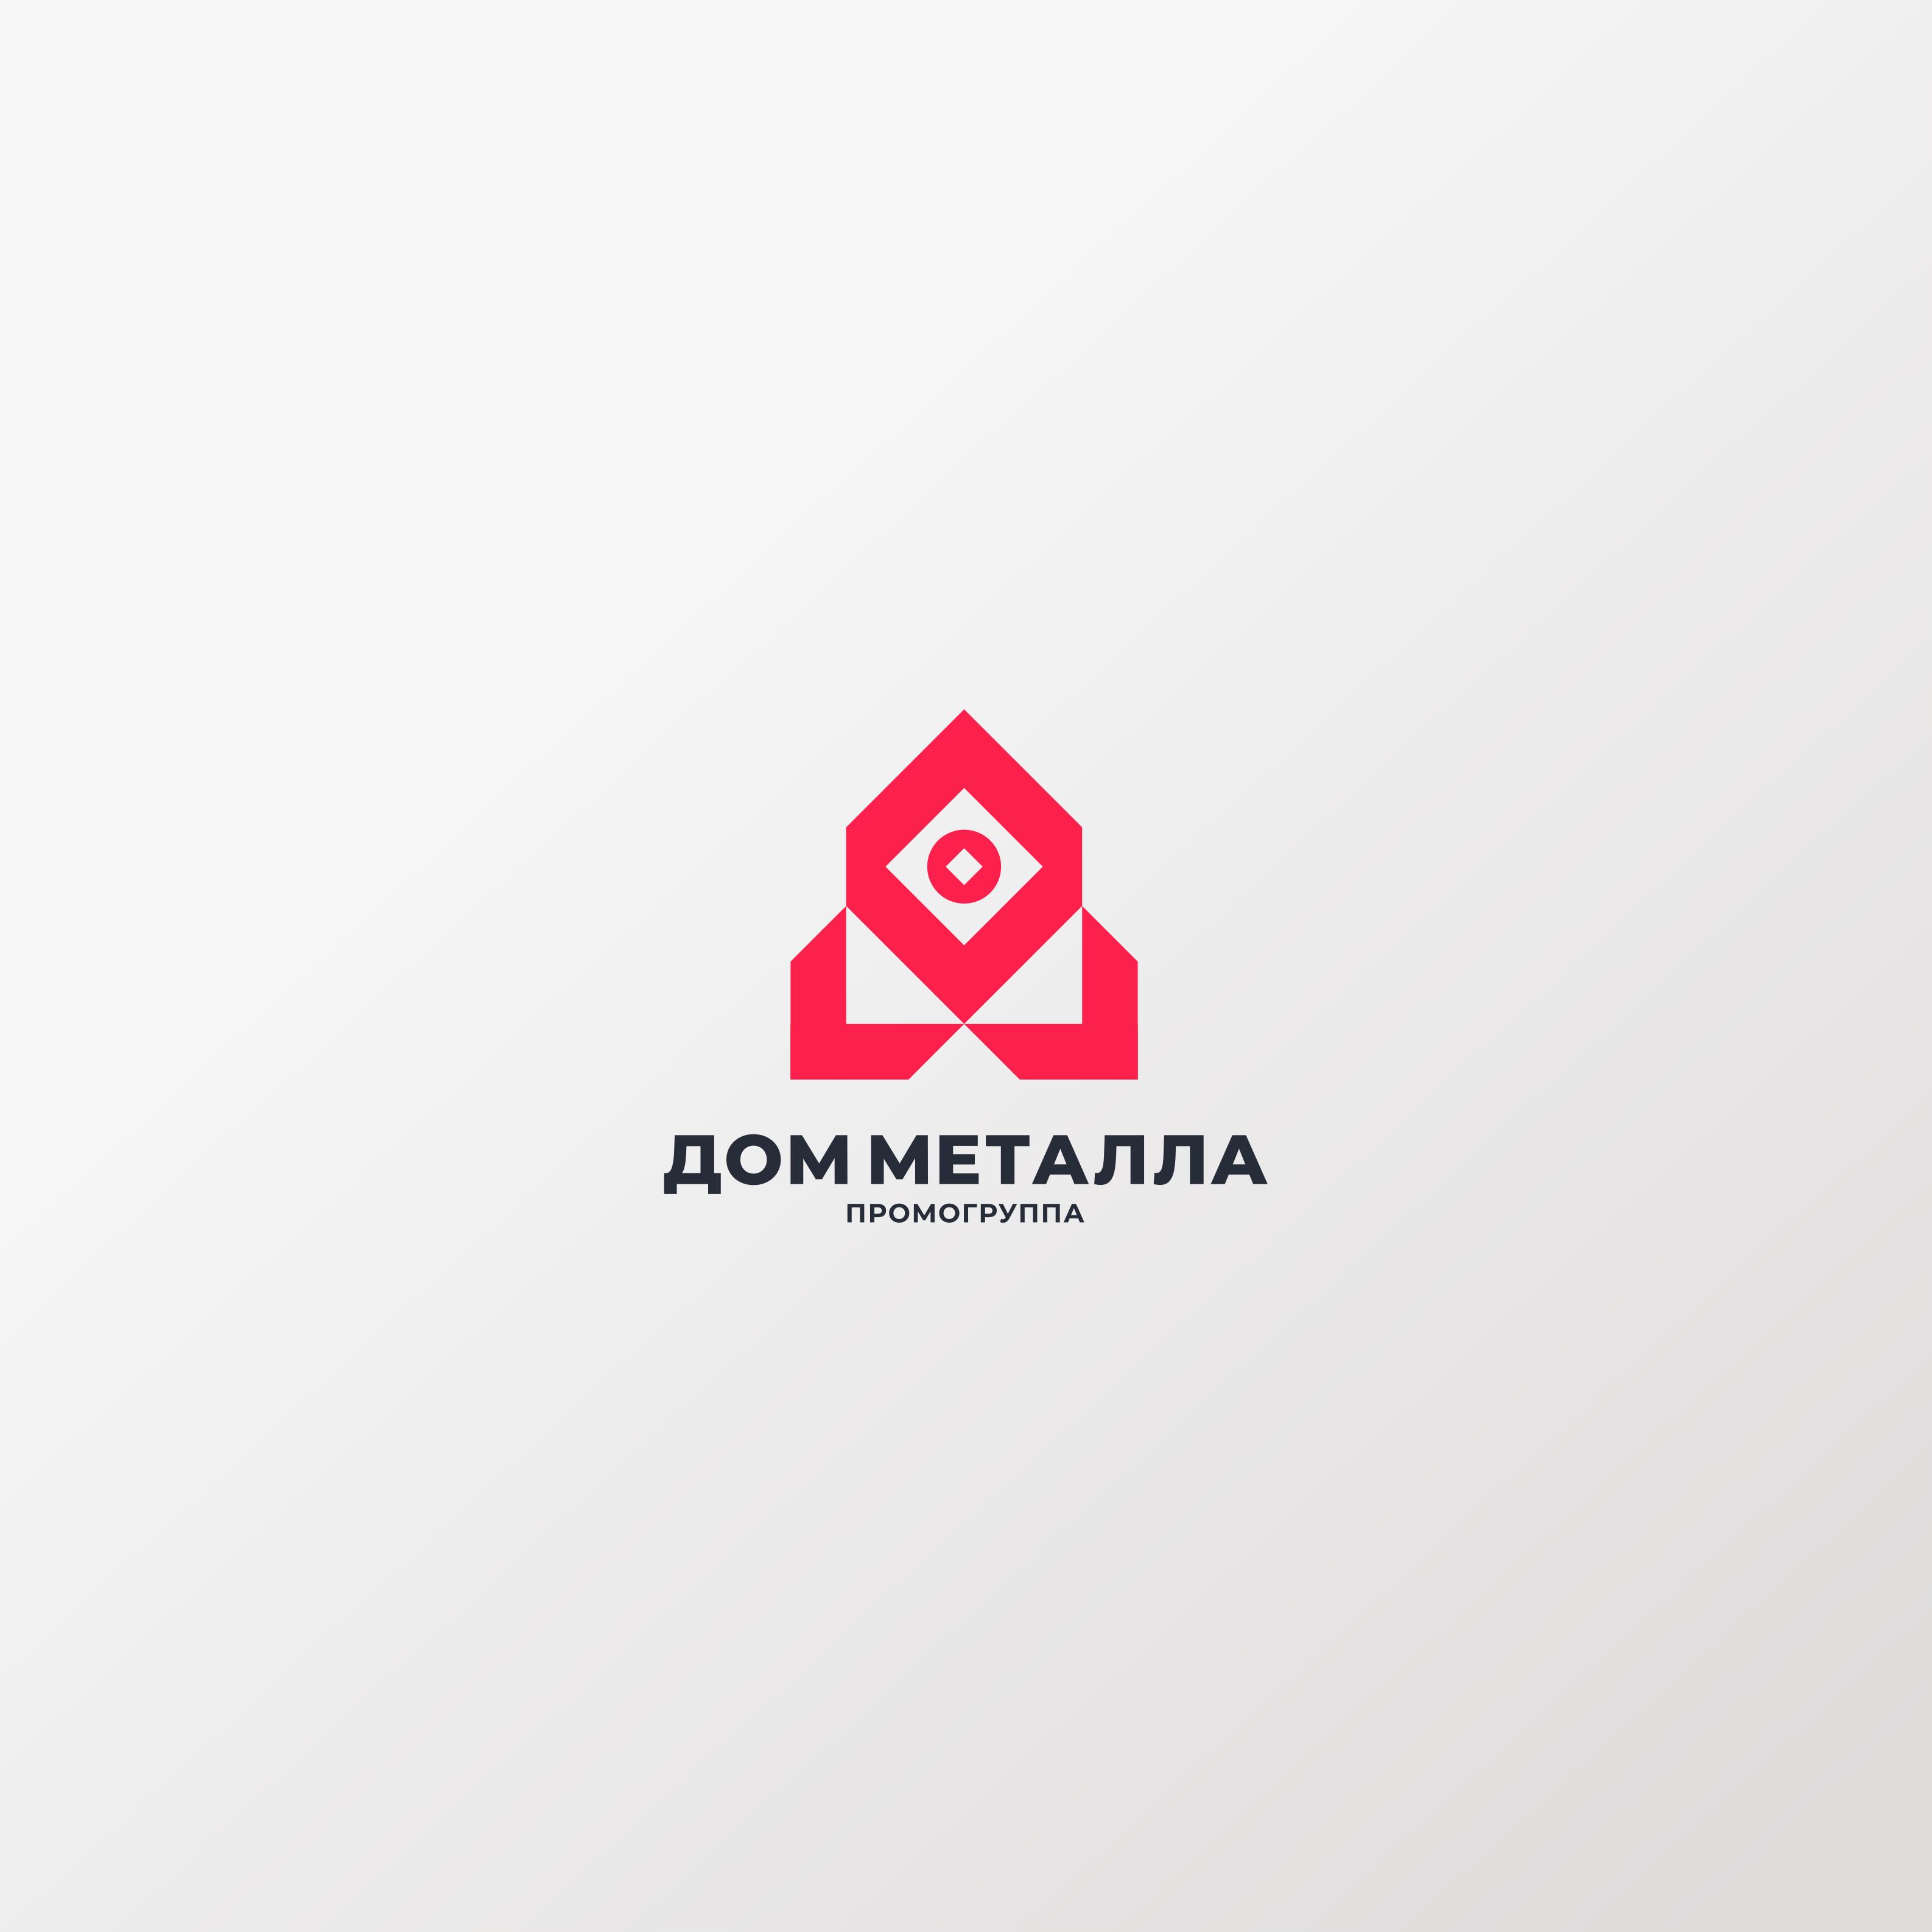 Разработка логотипа фото f_8865c5d68cc5141b.png